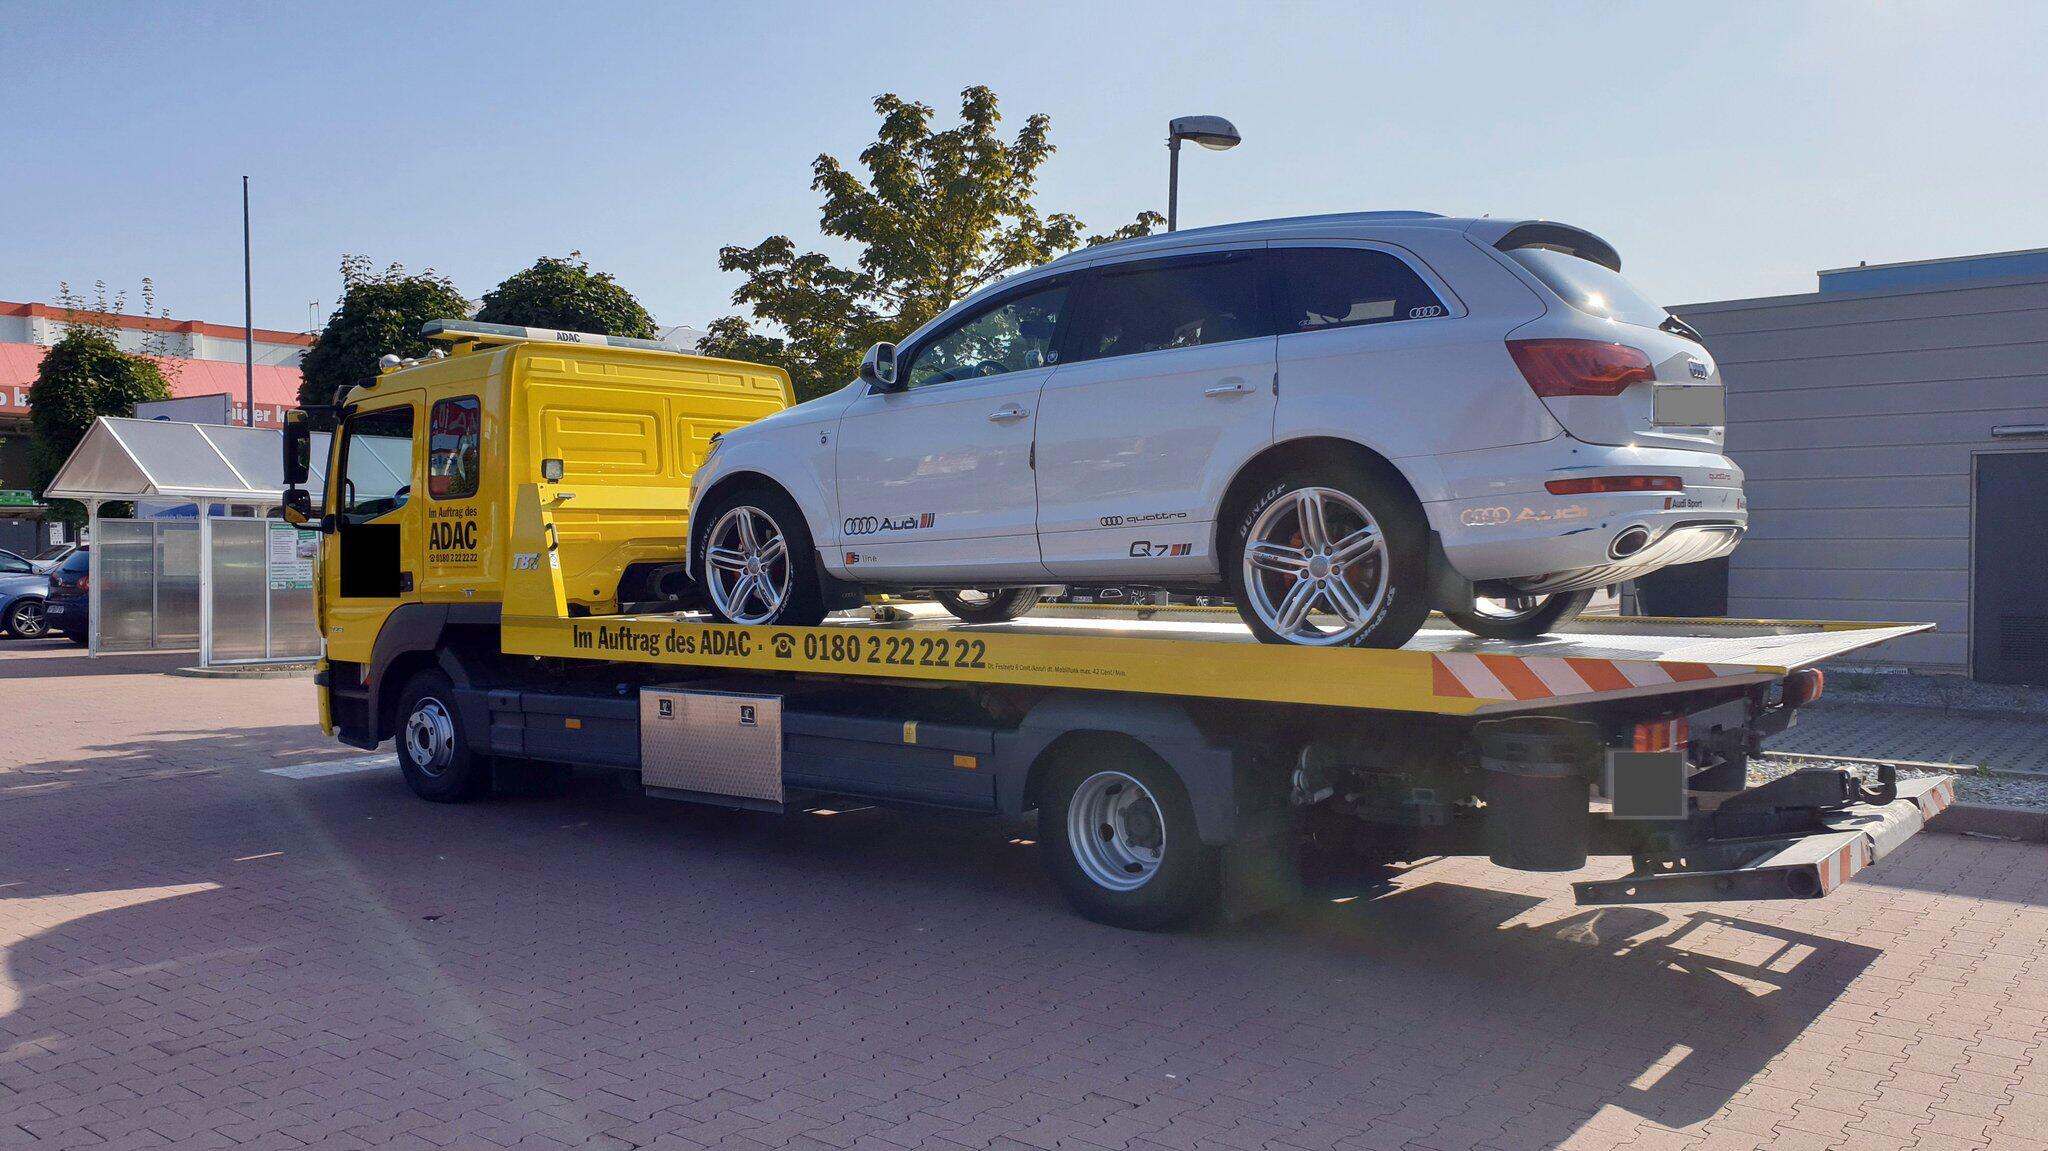 Bild zu 373 Punkte in Flensburg: Fahrer muss mit Haft rechnen